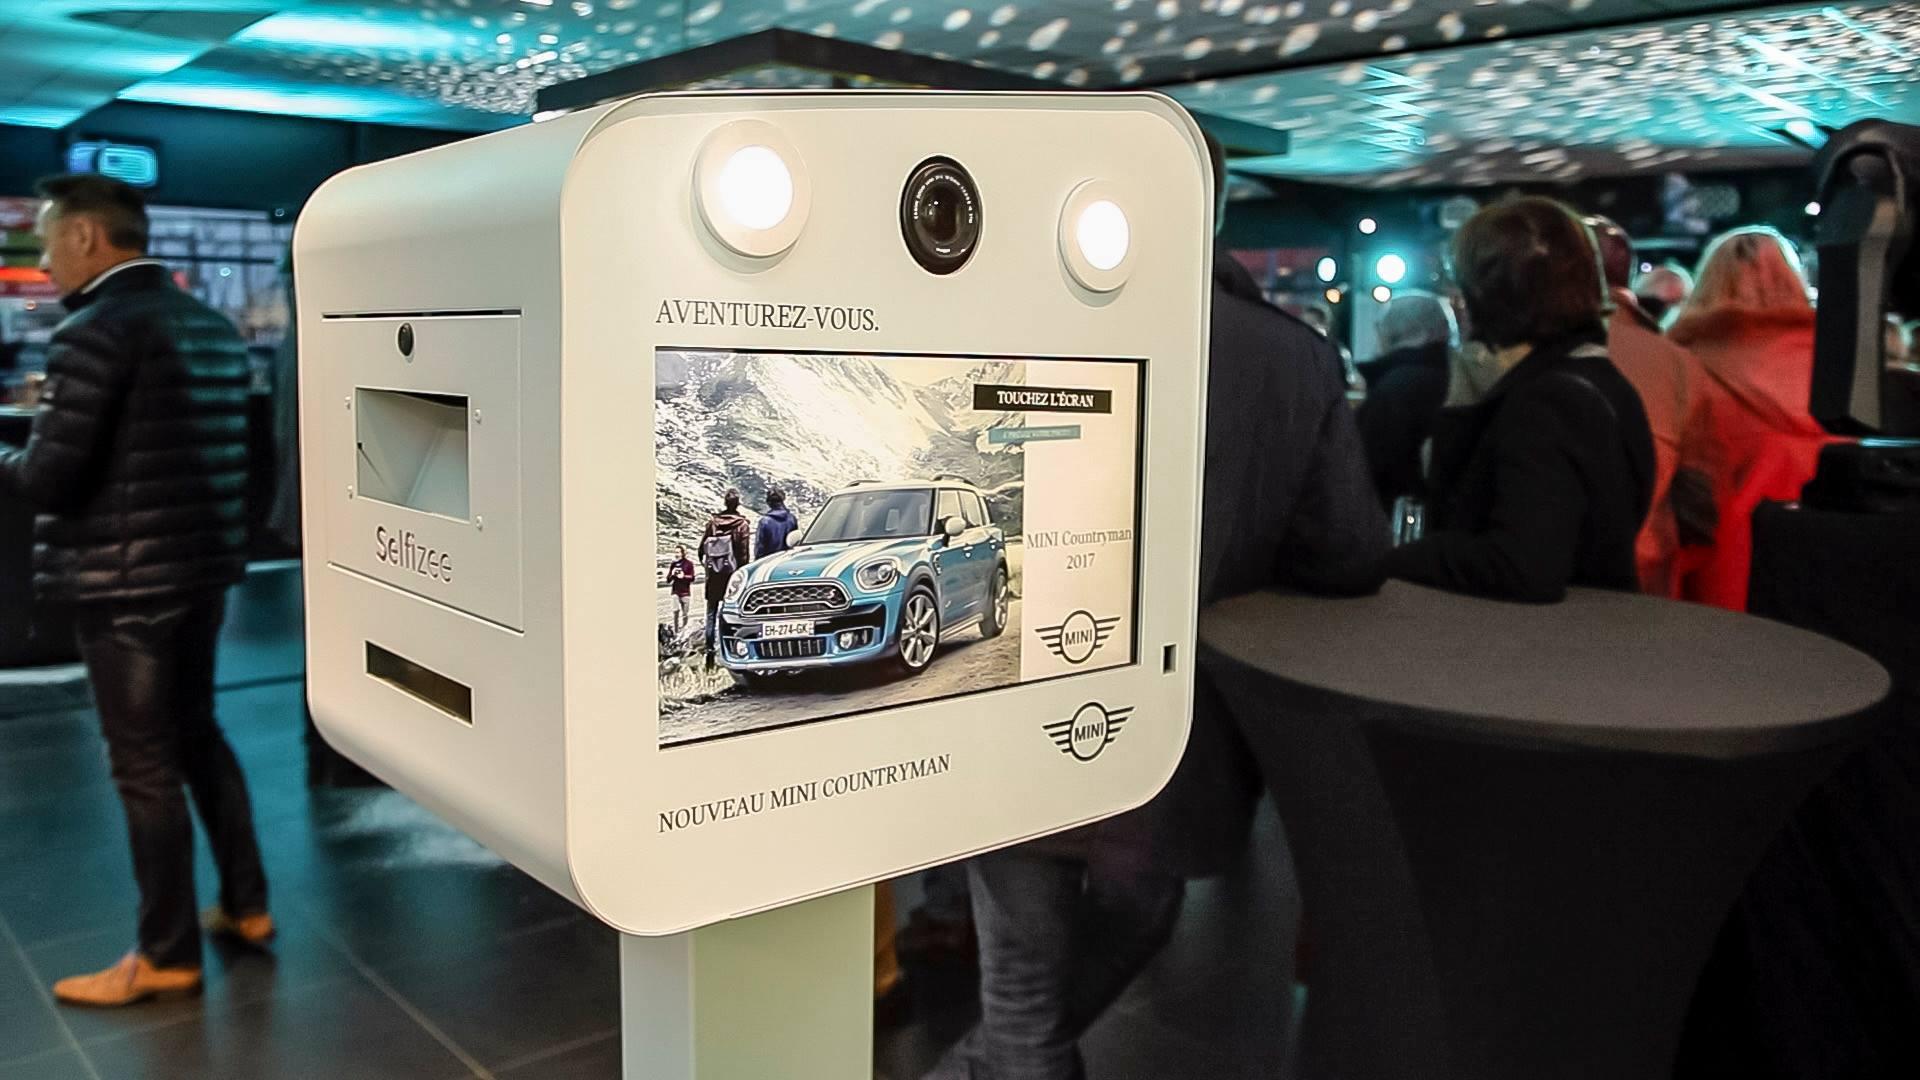 Photobooth personnalisé à la soirée de lancement de la nouvelle Mini Countryman 2017 à Lorient dans le Morbihan